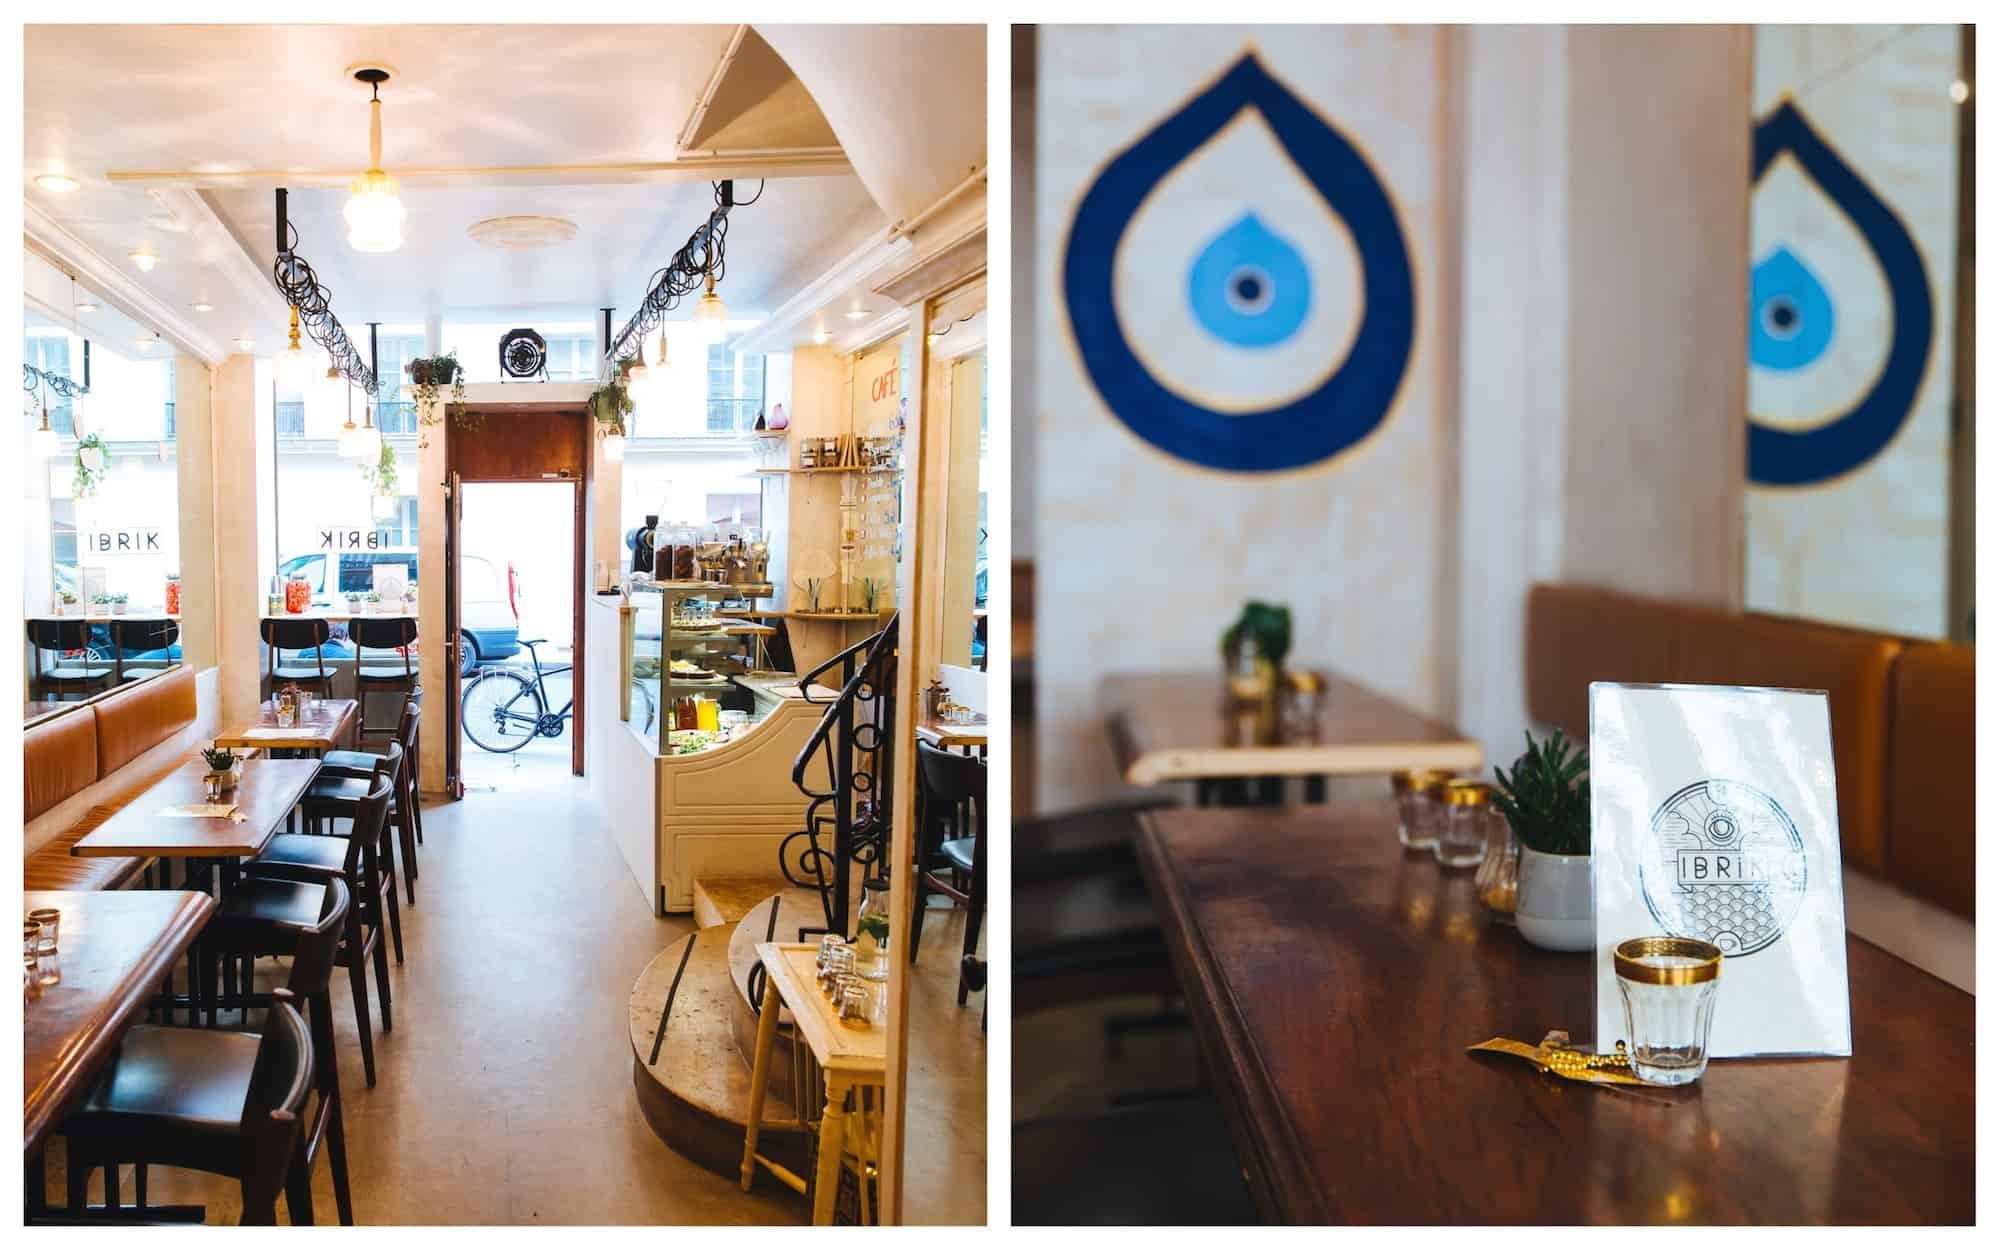 HiP Paris Blog visits Ibrik Cafe